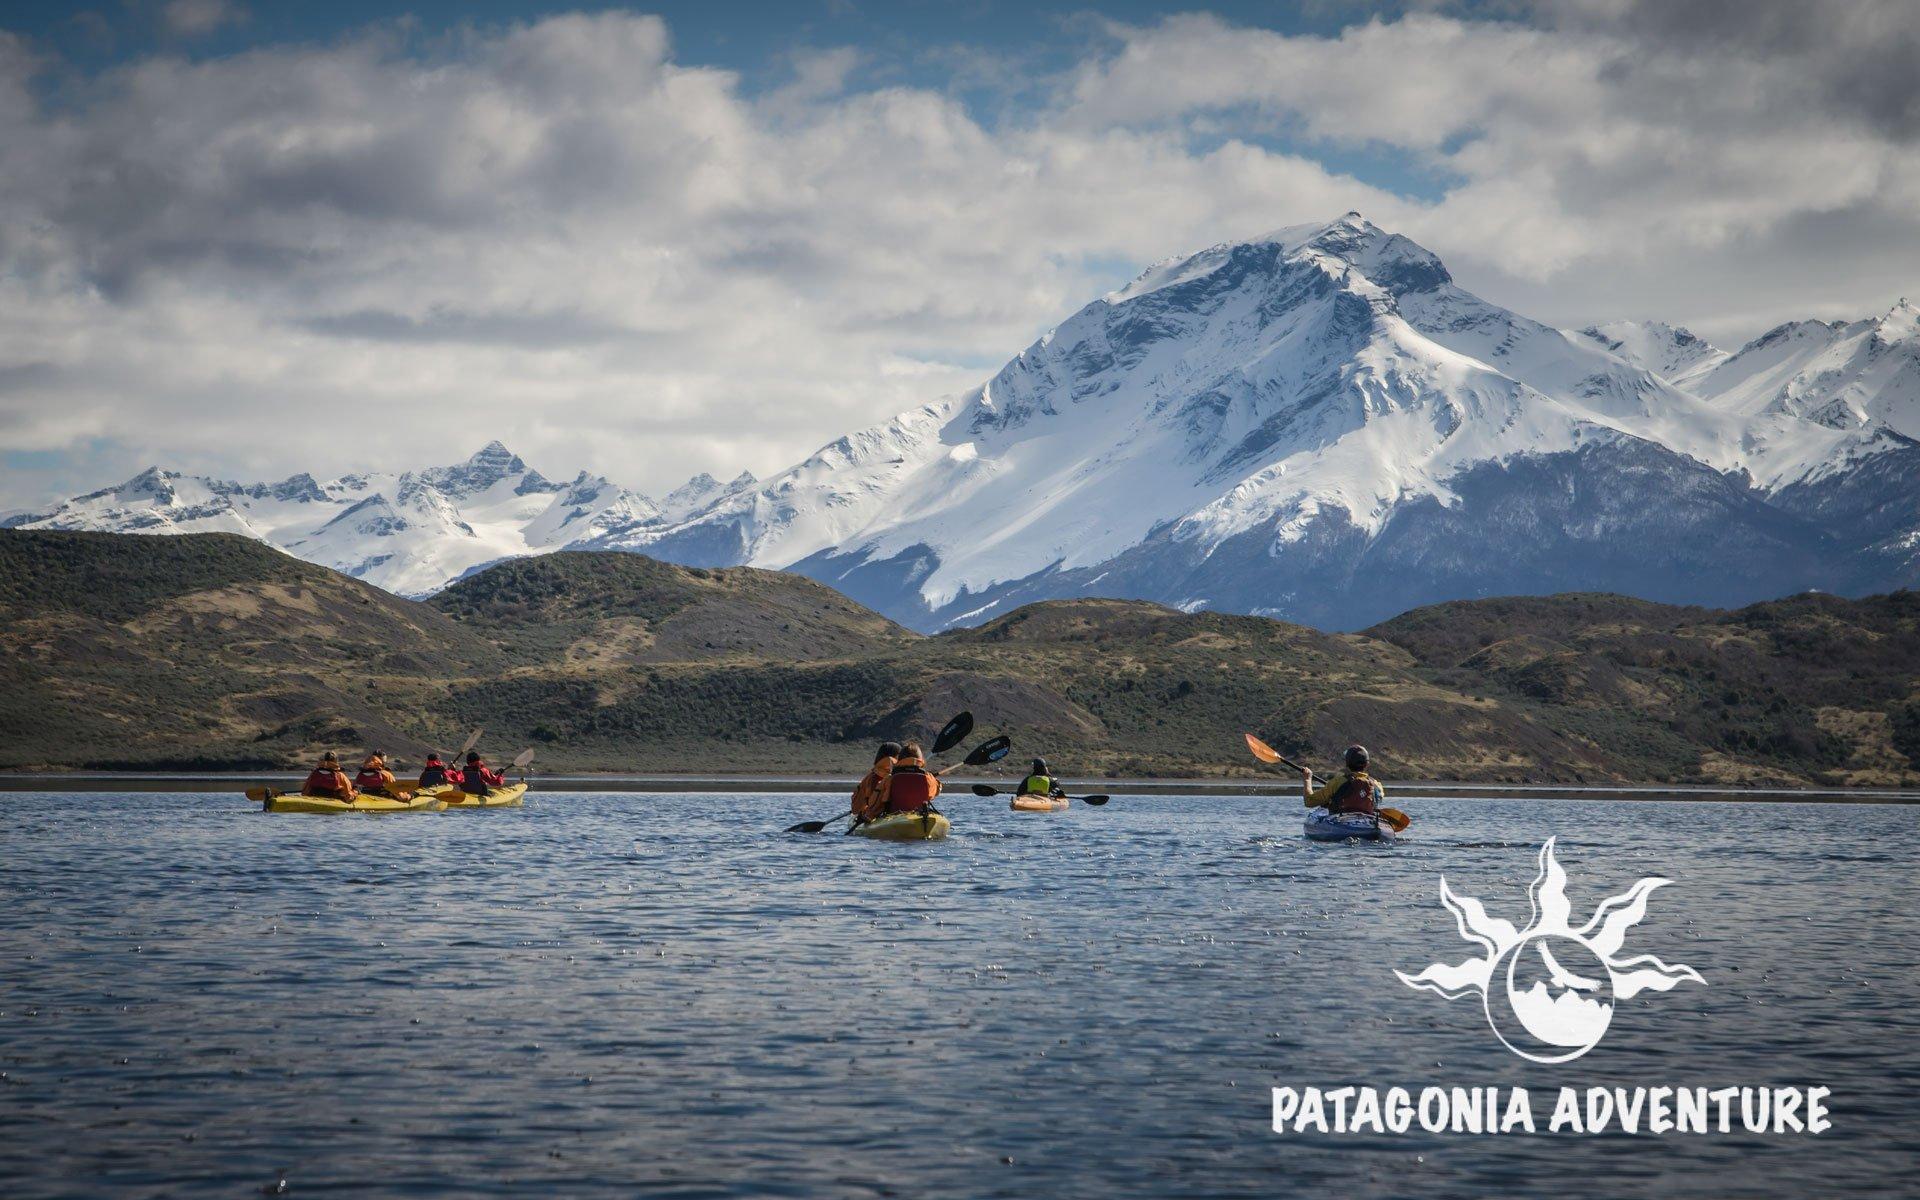 Kayak Fiordo Eberhard Patagonia Adventure